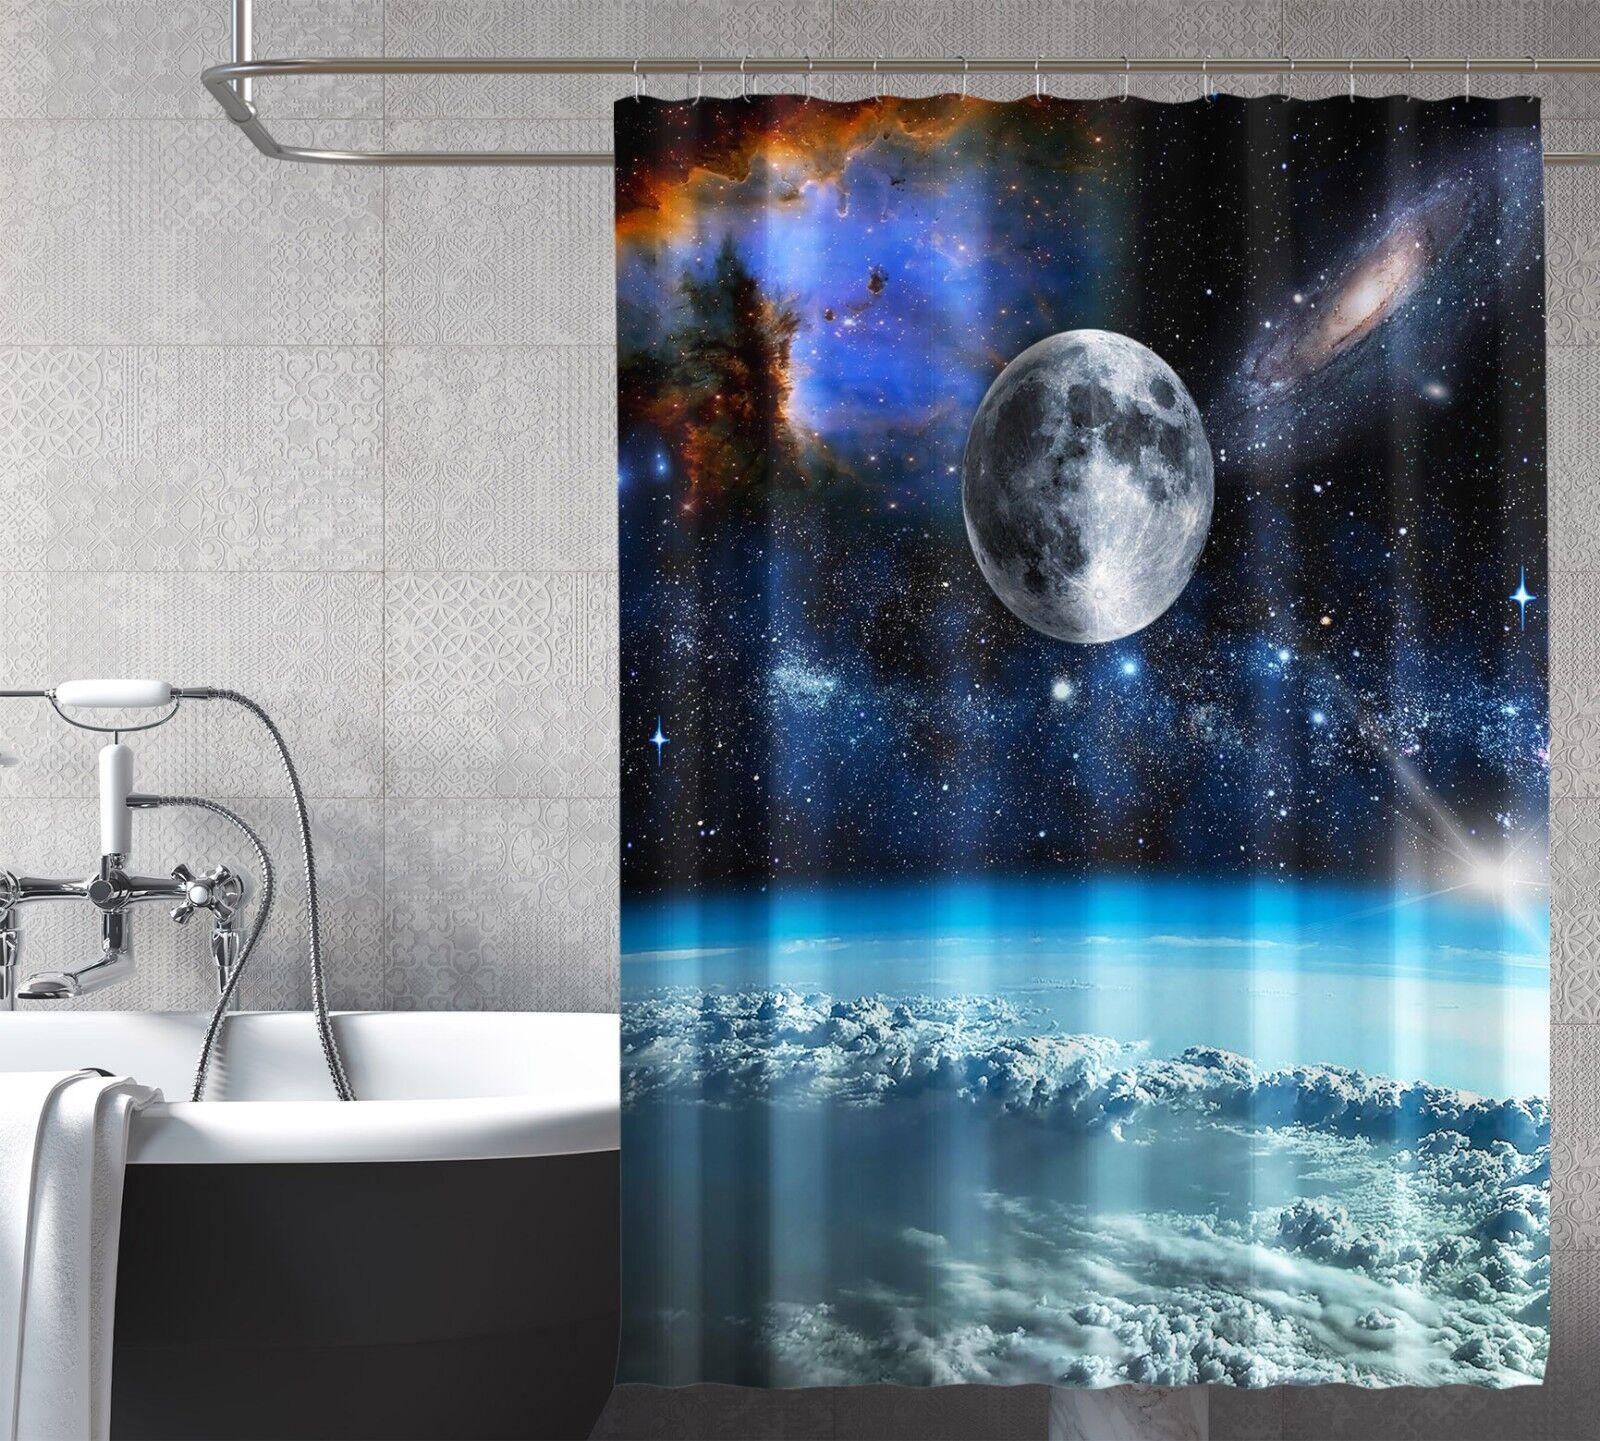 3D Raum Star Erde 8 Duschvorhang Wasserdicht Faser Bad Daheim Windows Toilette